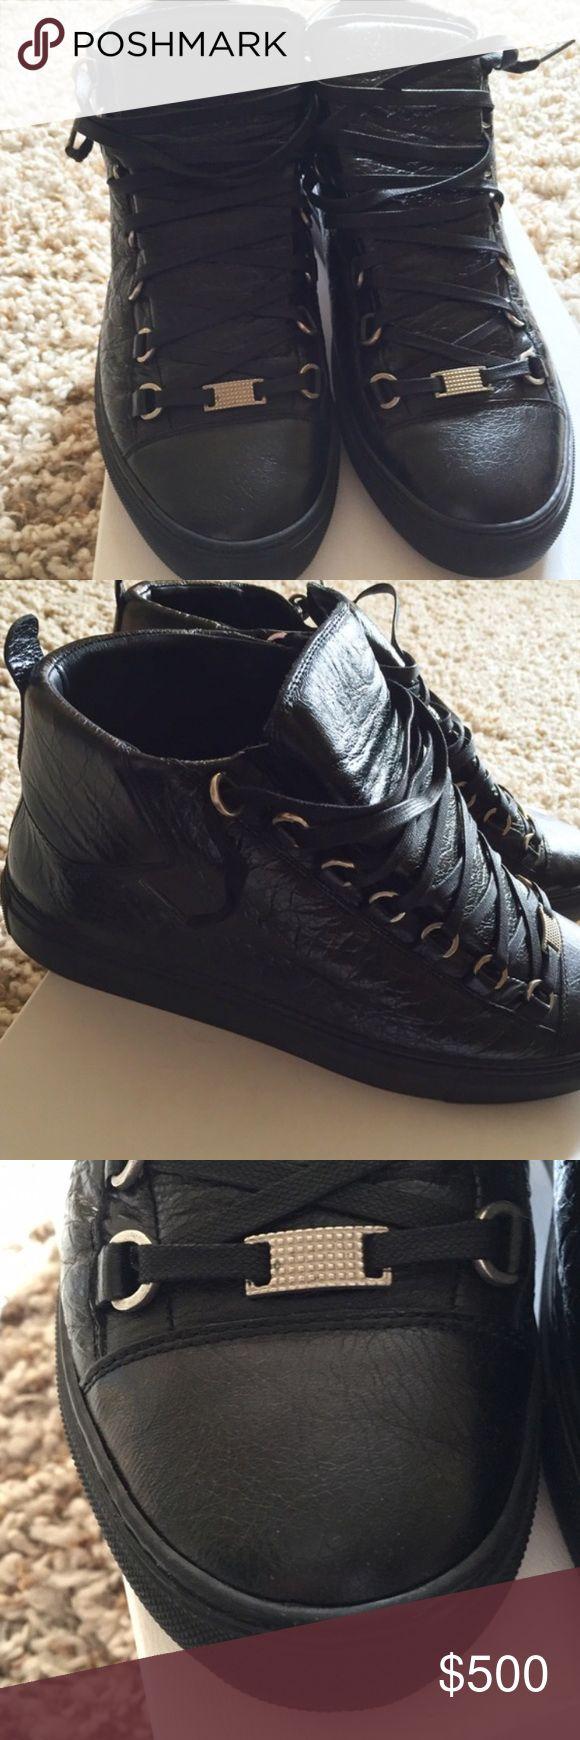 Louboutin Mens Sneaker | All Black Balenciaga Arena Sneakers | Balenciaga Arena Sneakers